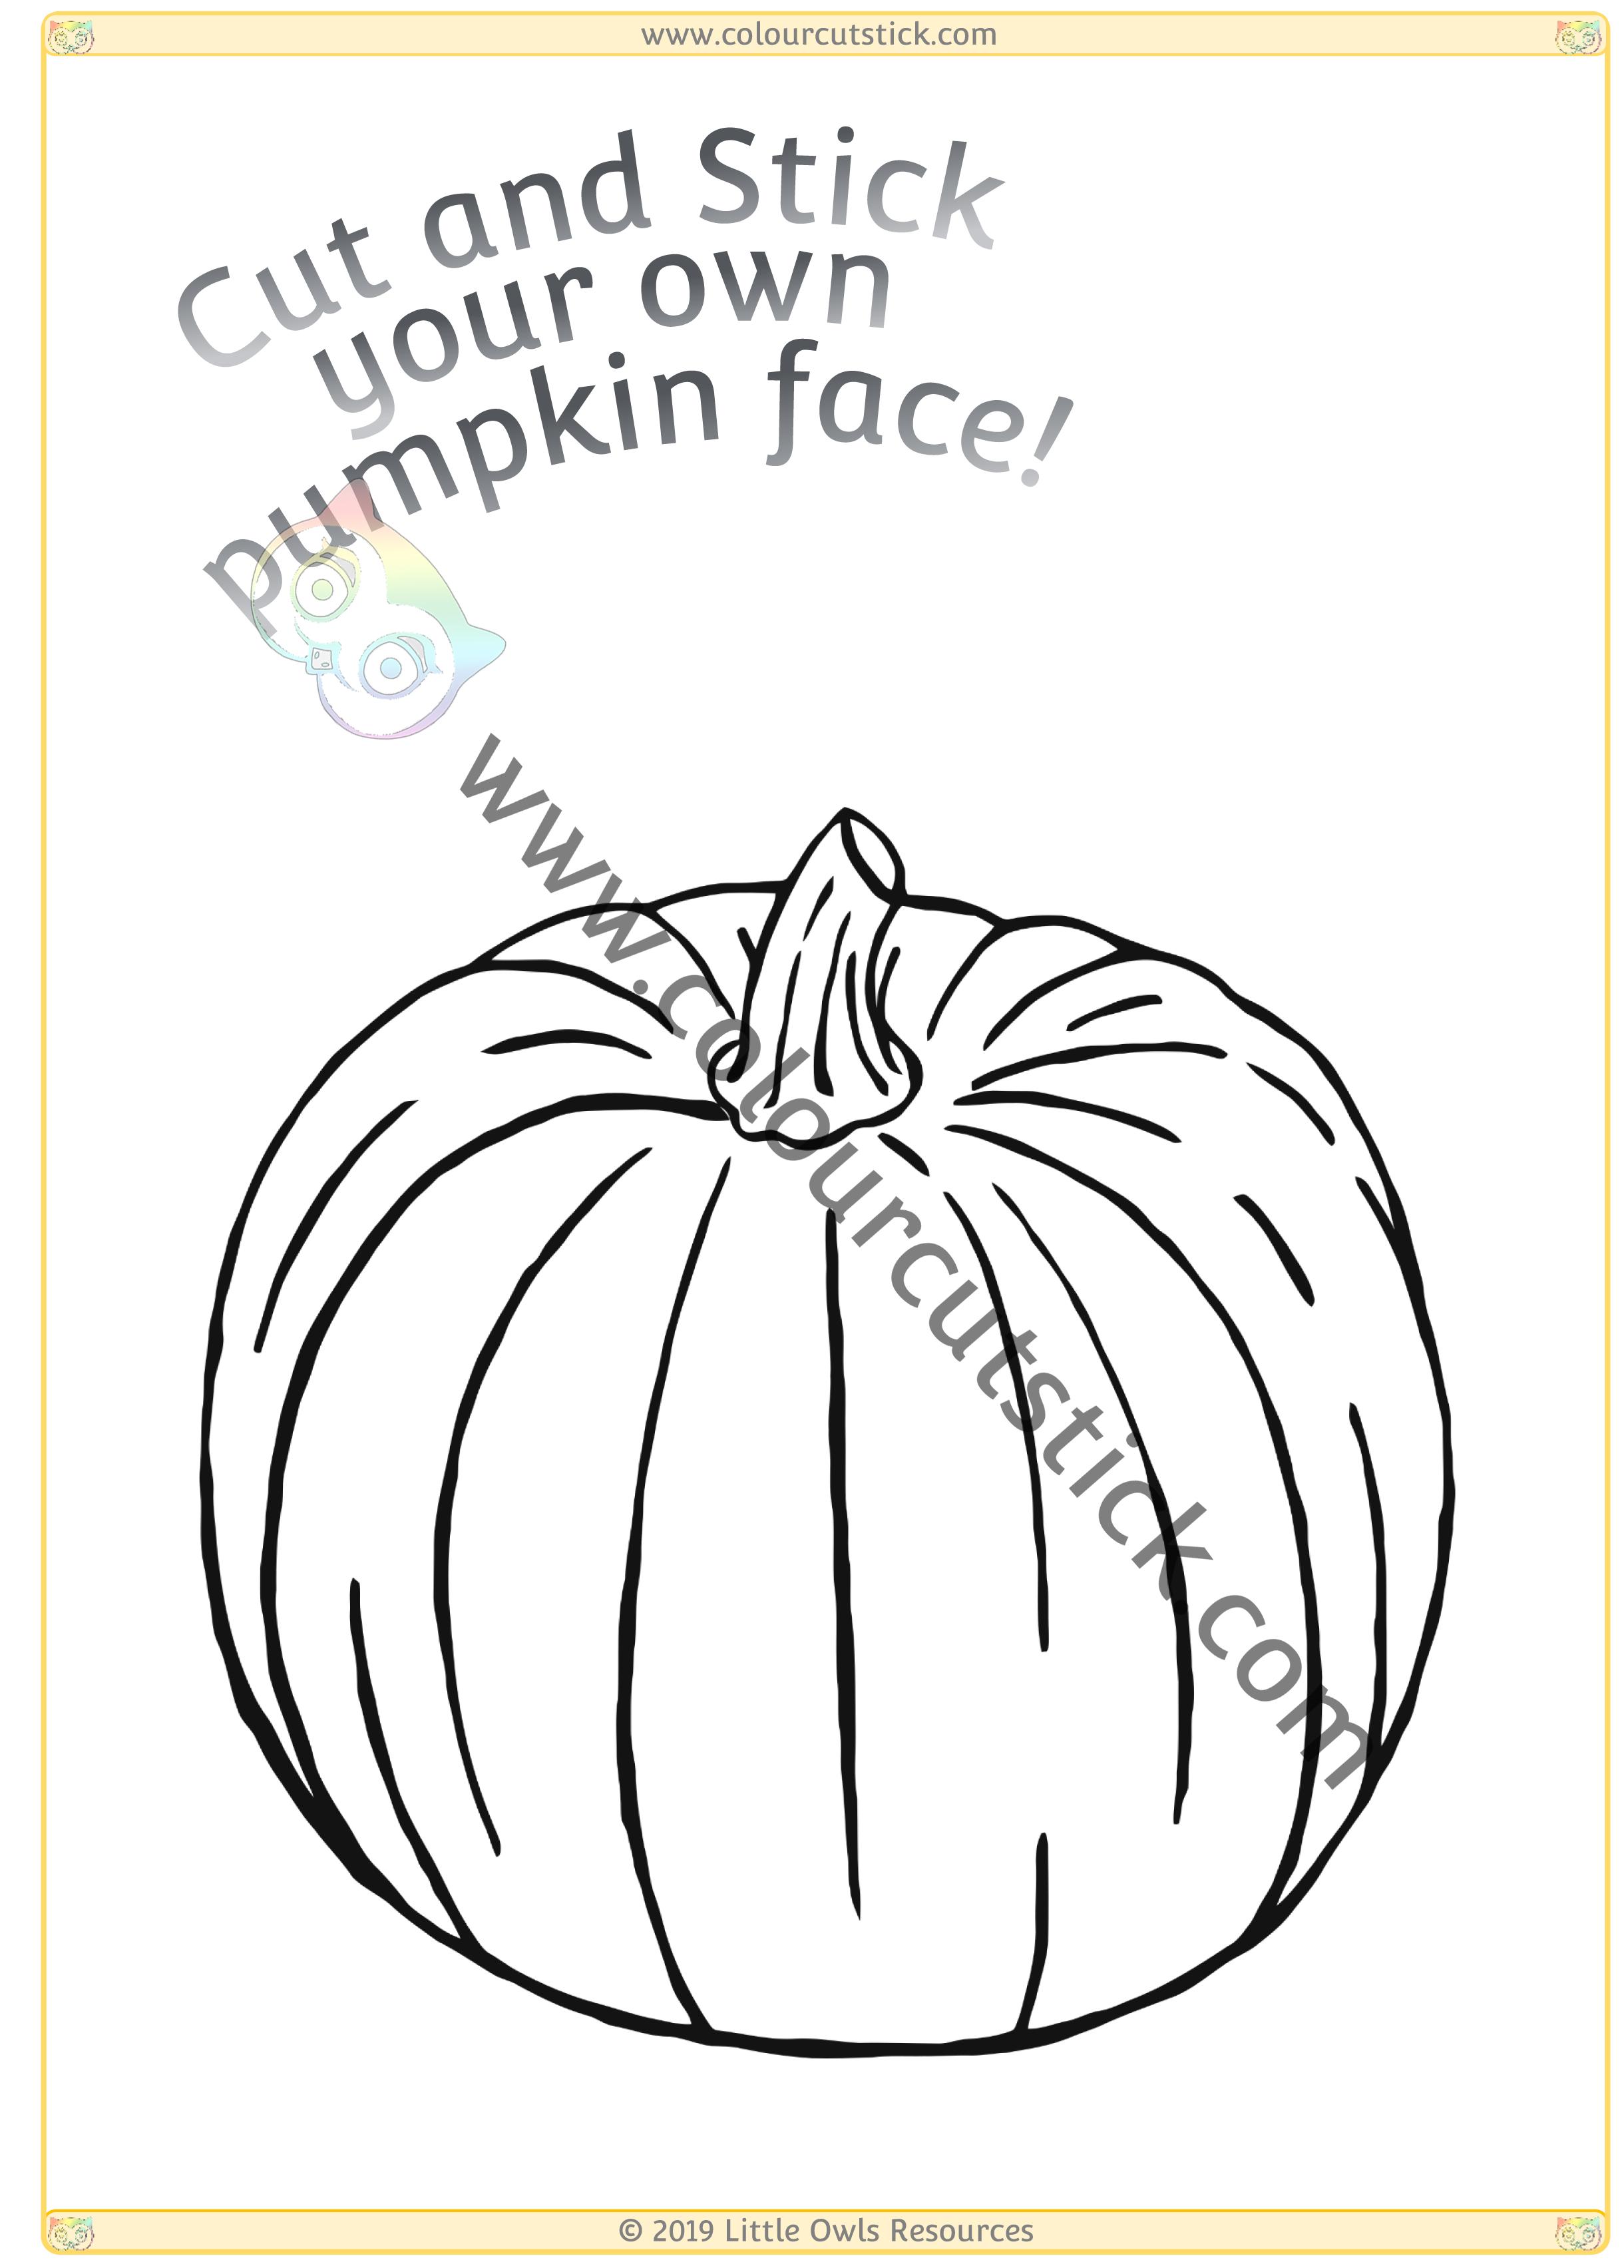 Colour, Cut & Stick Pumpkin Face - Page 1 -